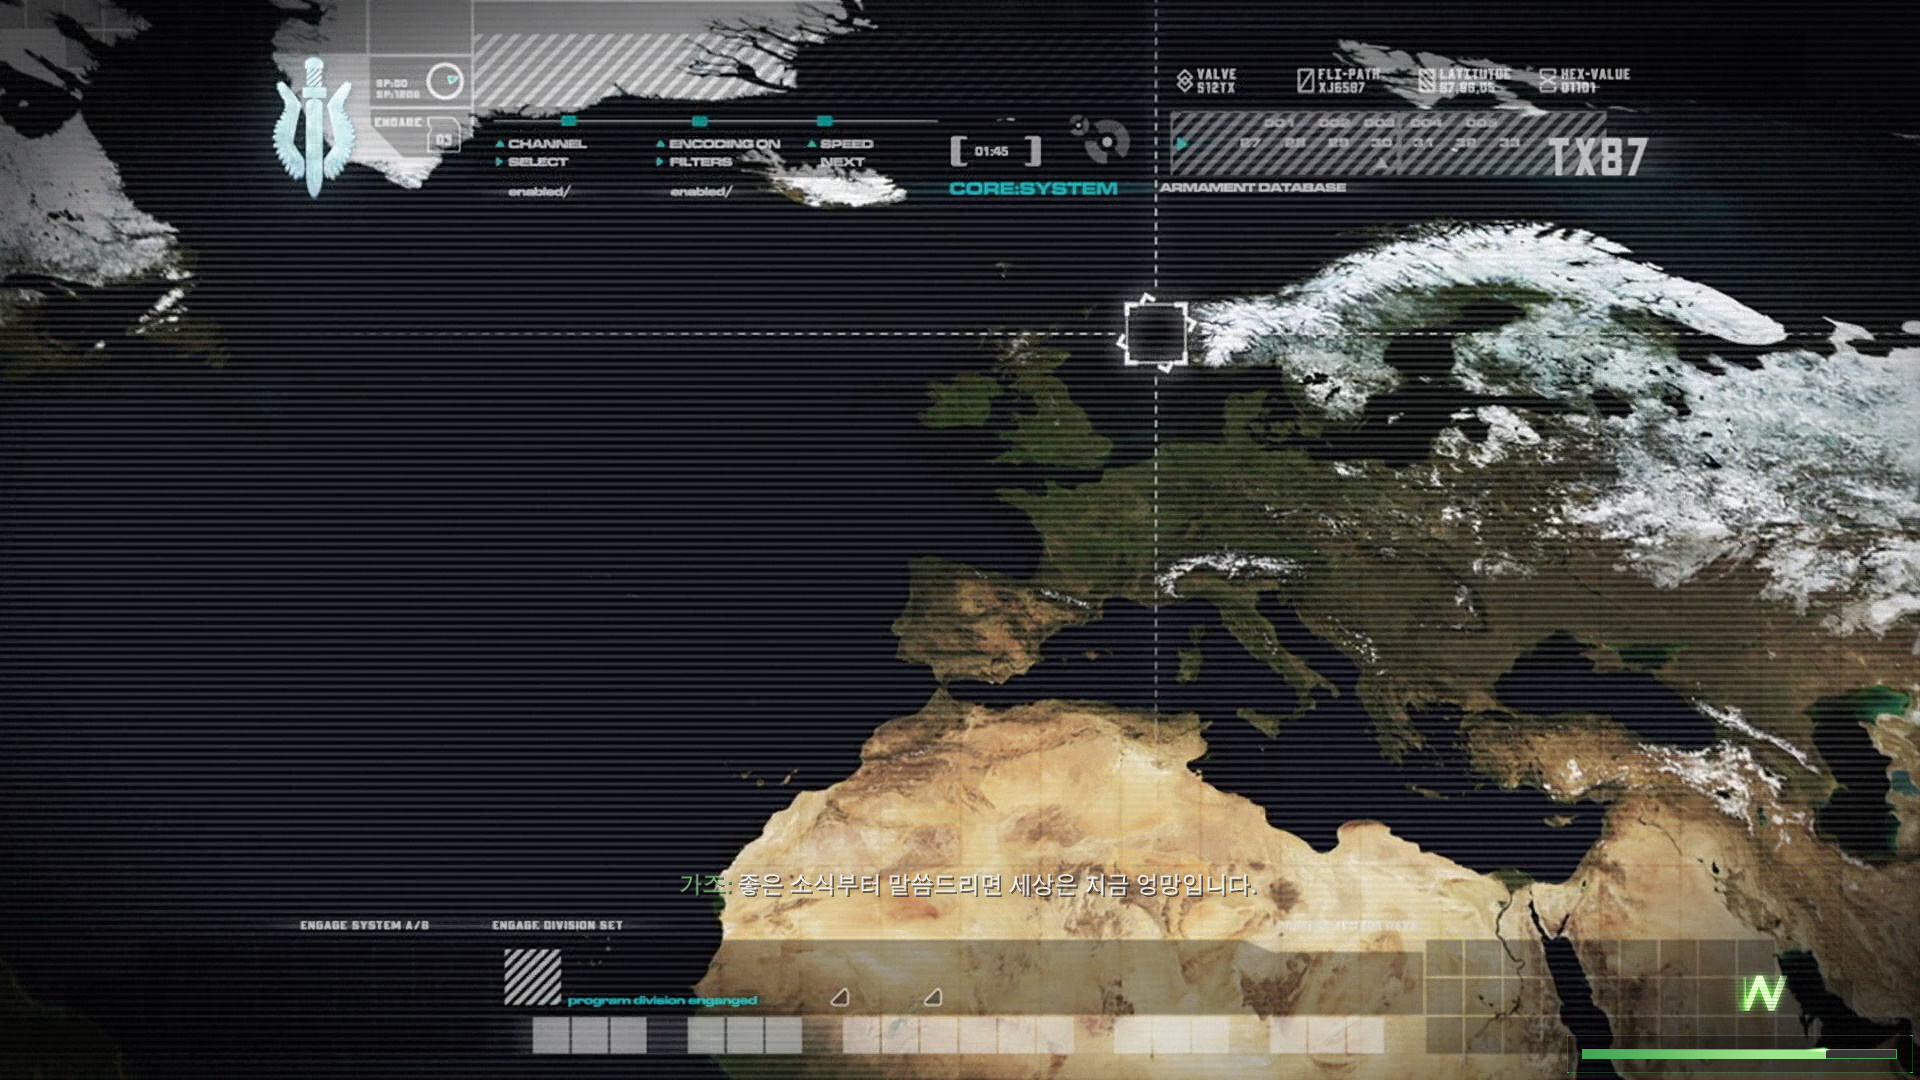 h1_sp64_ship 2017-07-14 16-49-30-084.jpg